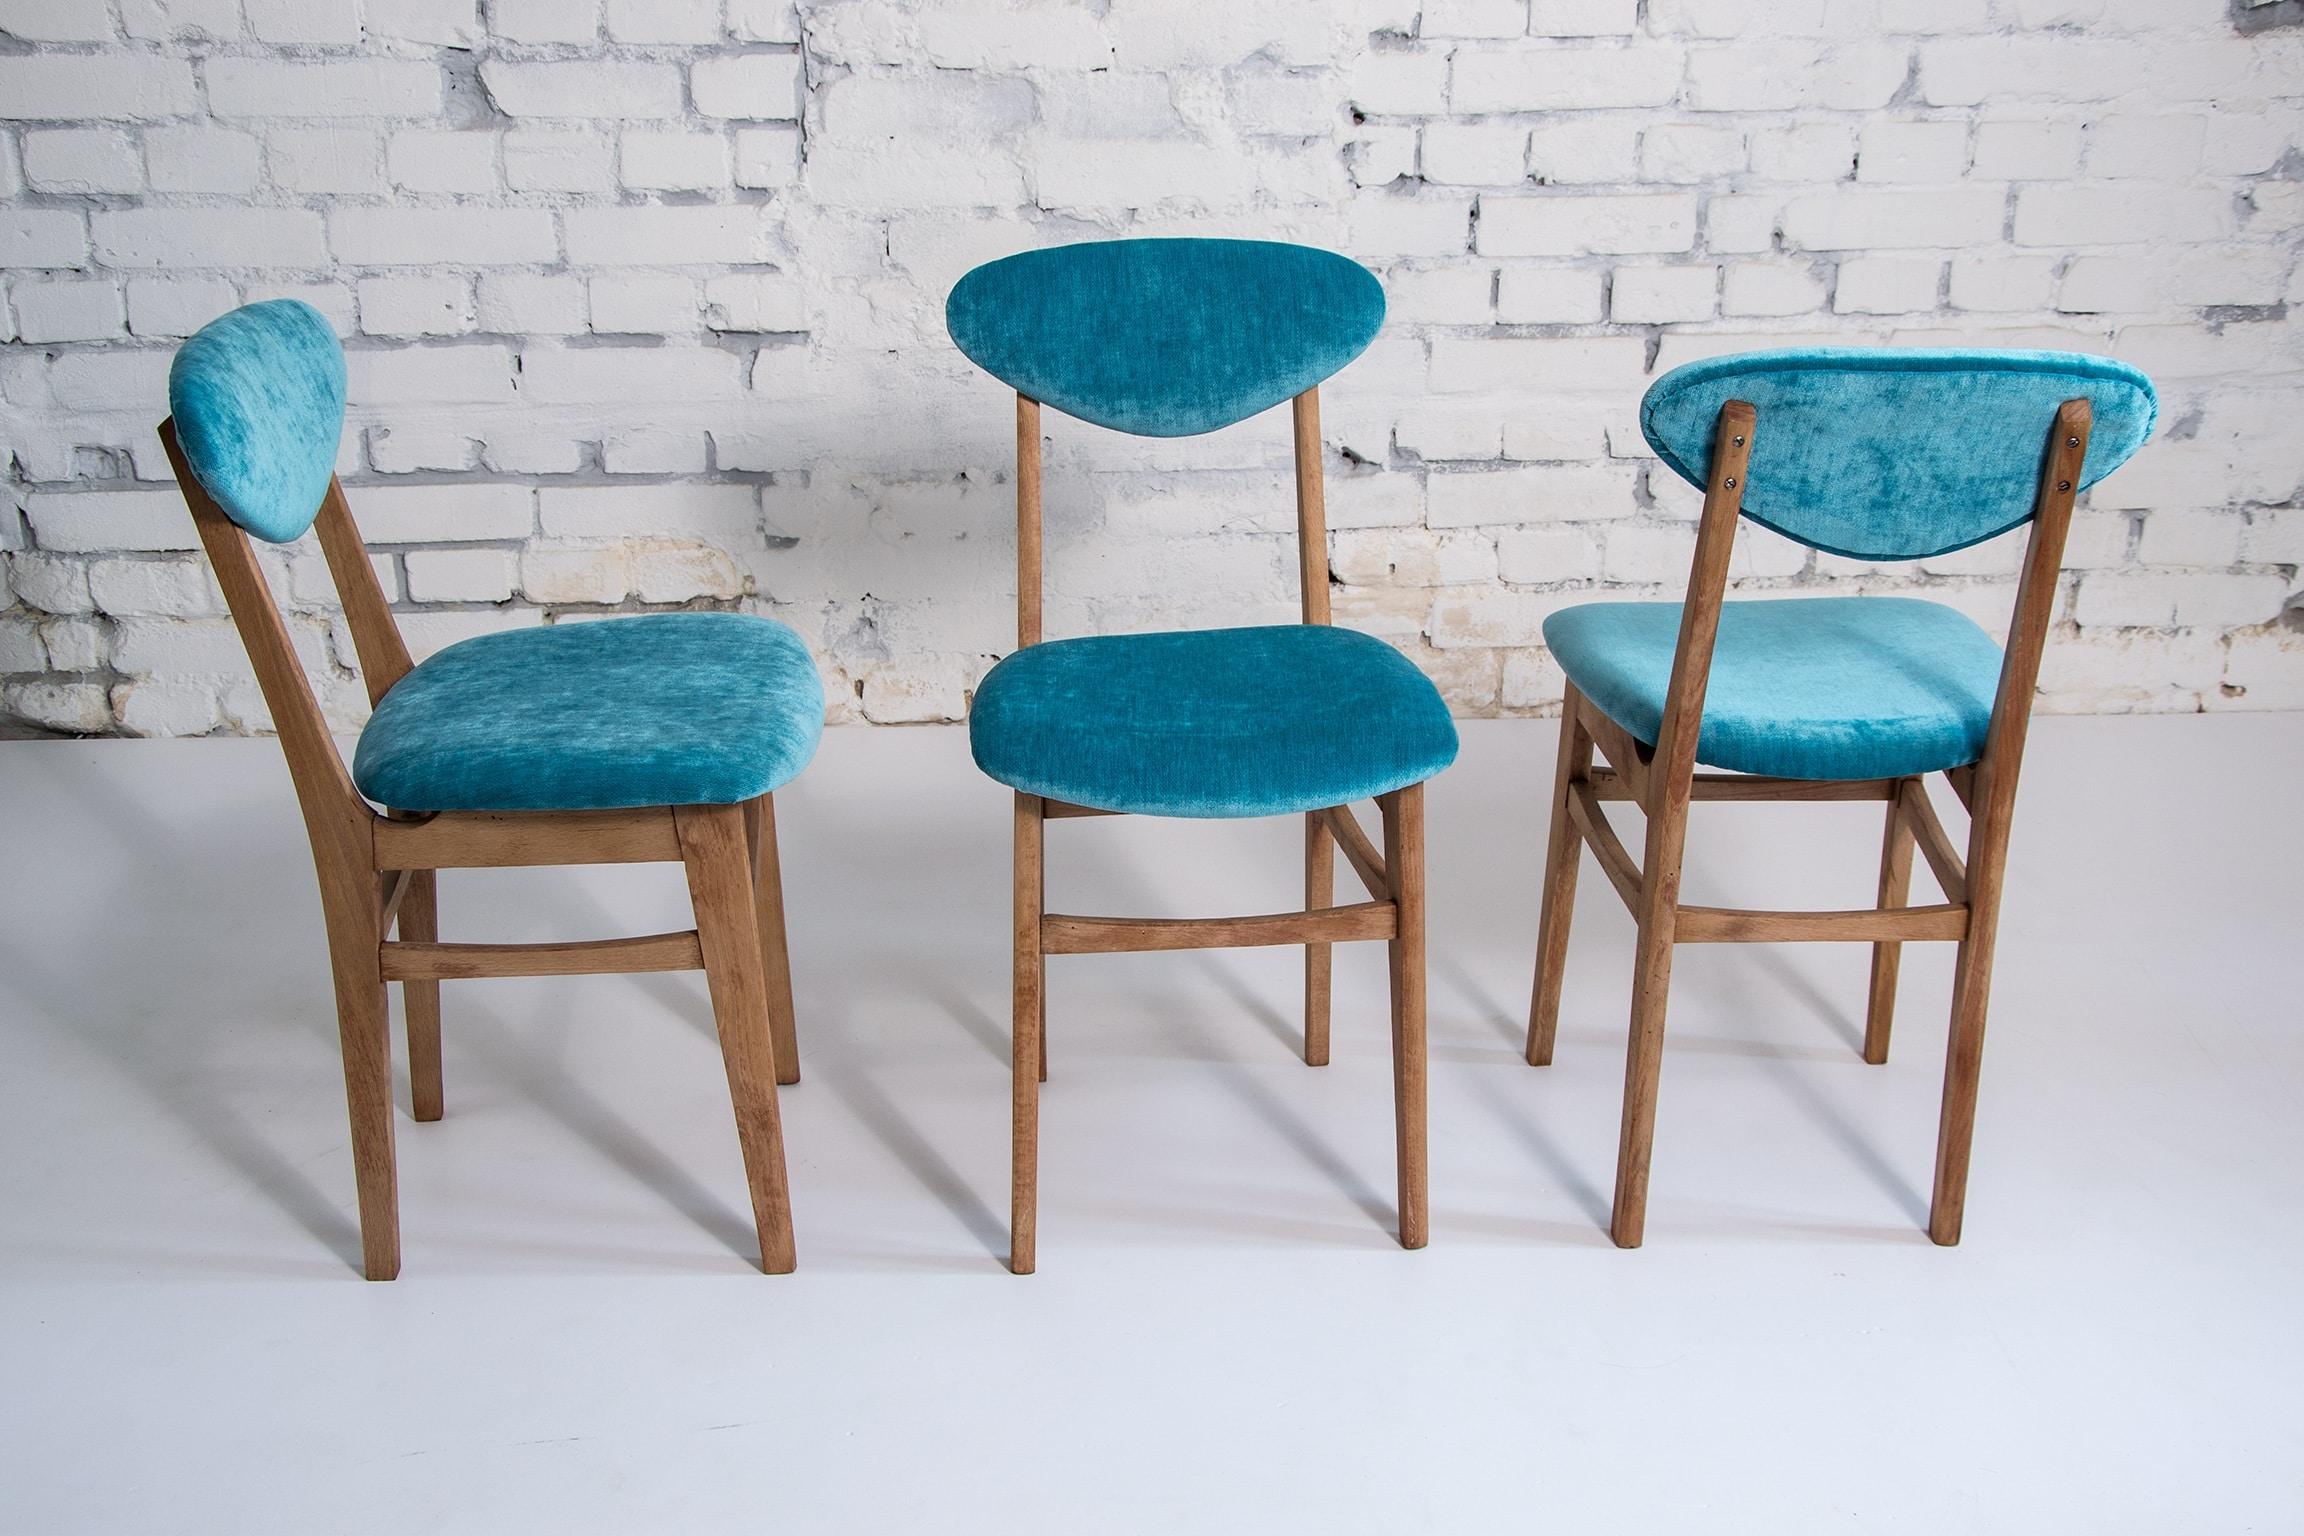 Wir suchen: Möbel für eine junge Familie!